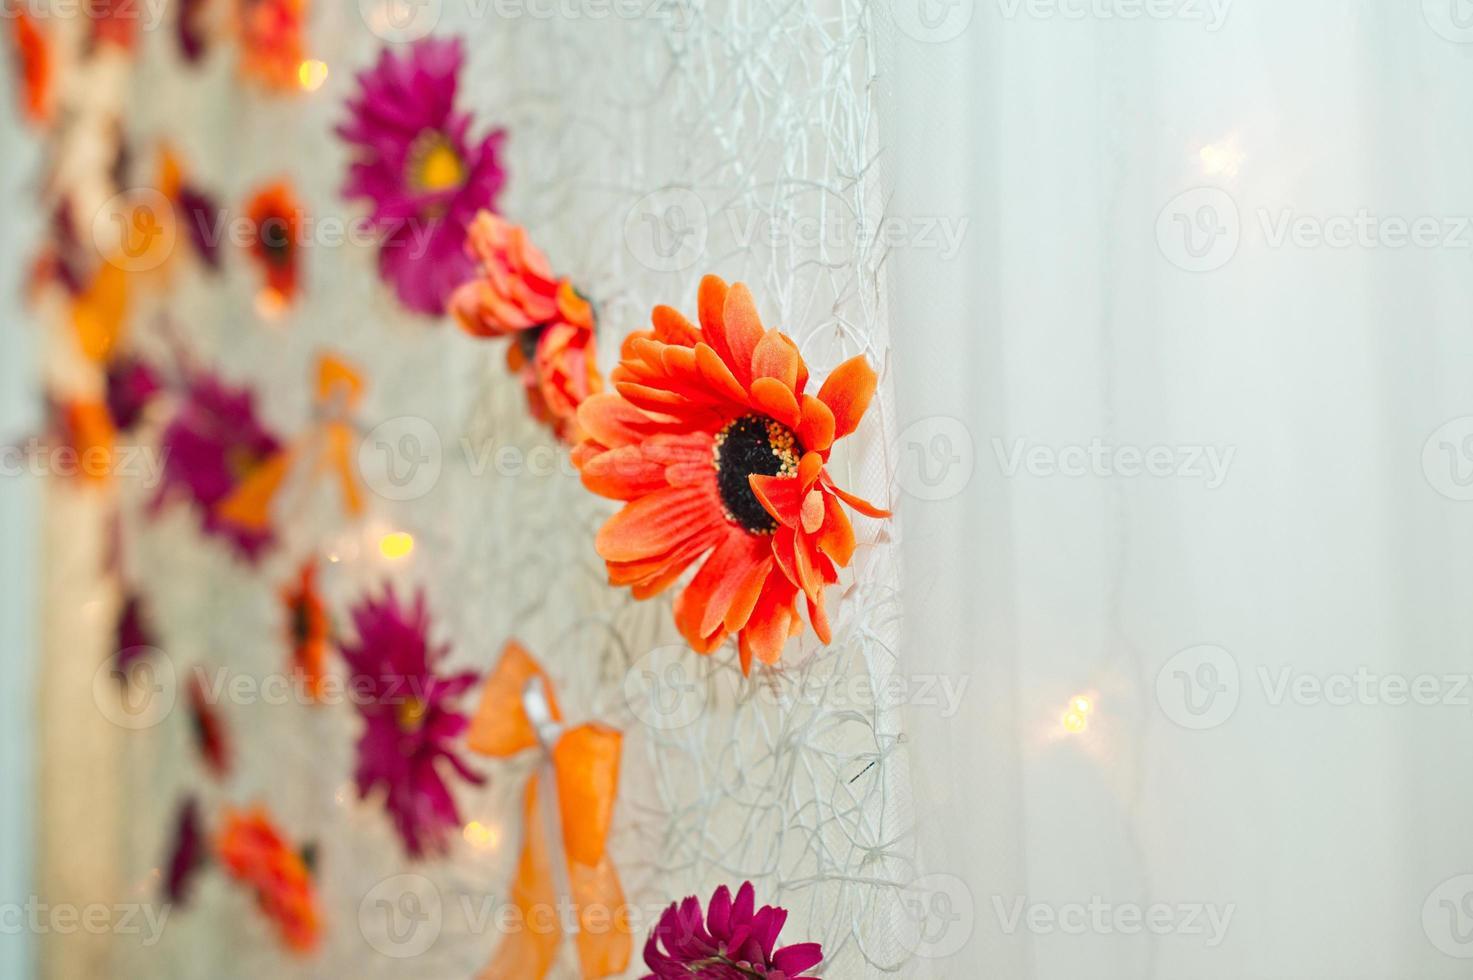 bloemen op een gordijn. foto